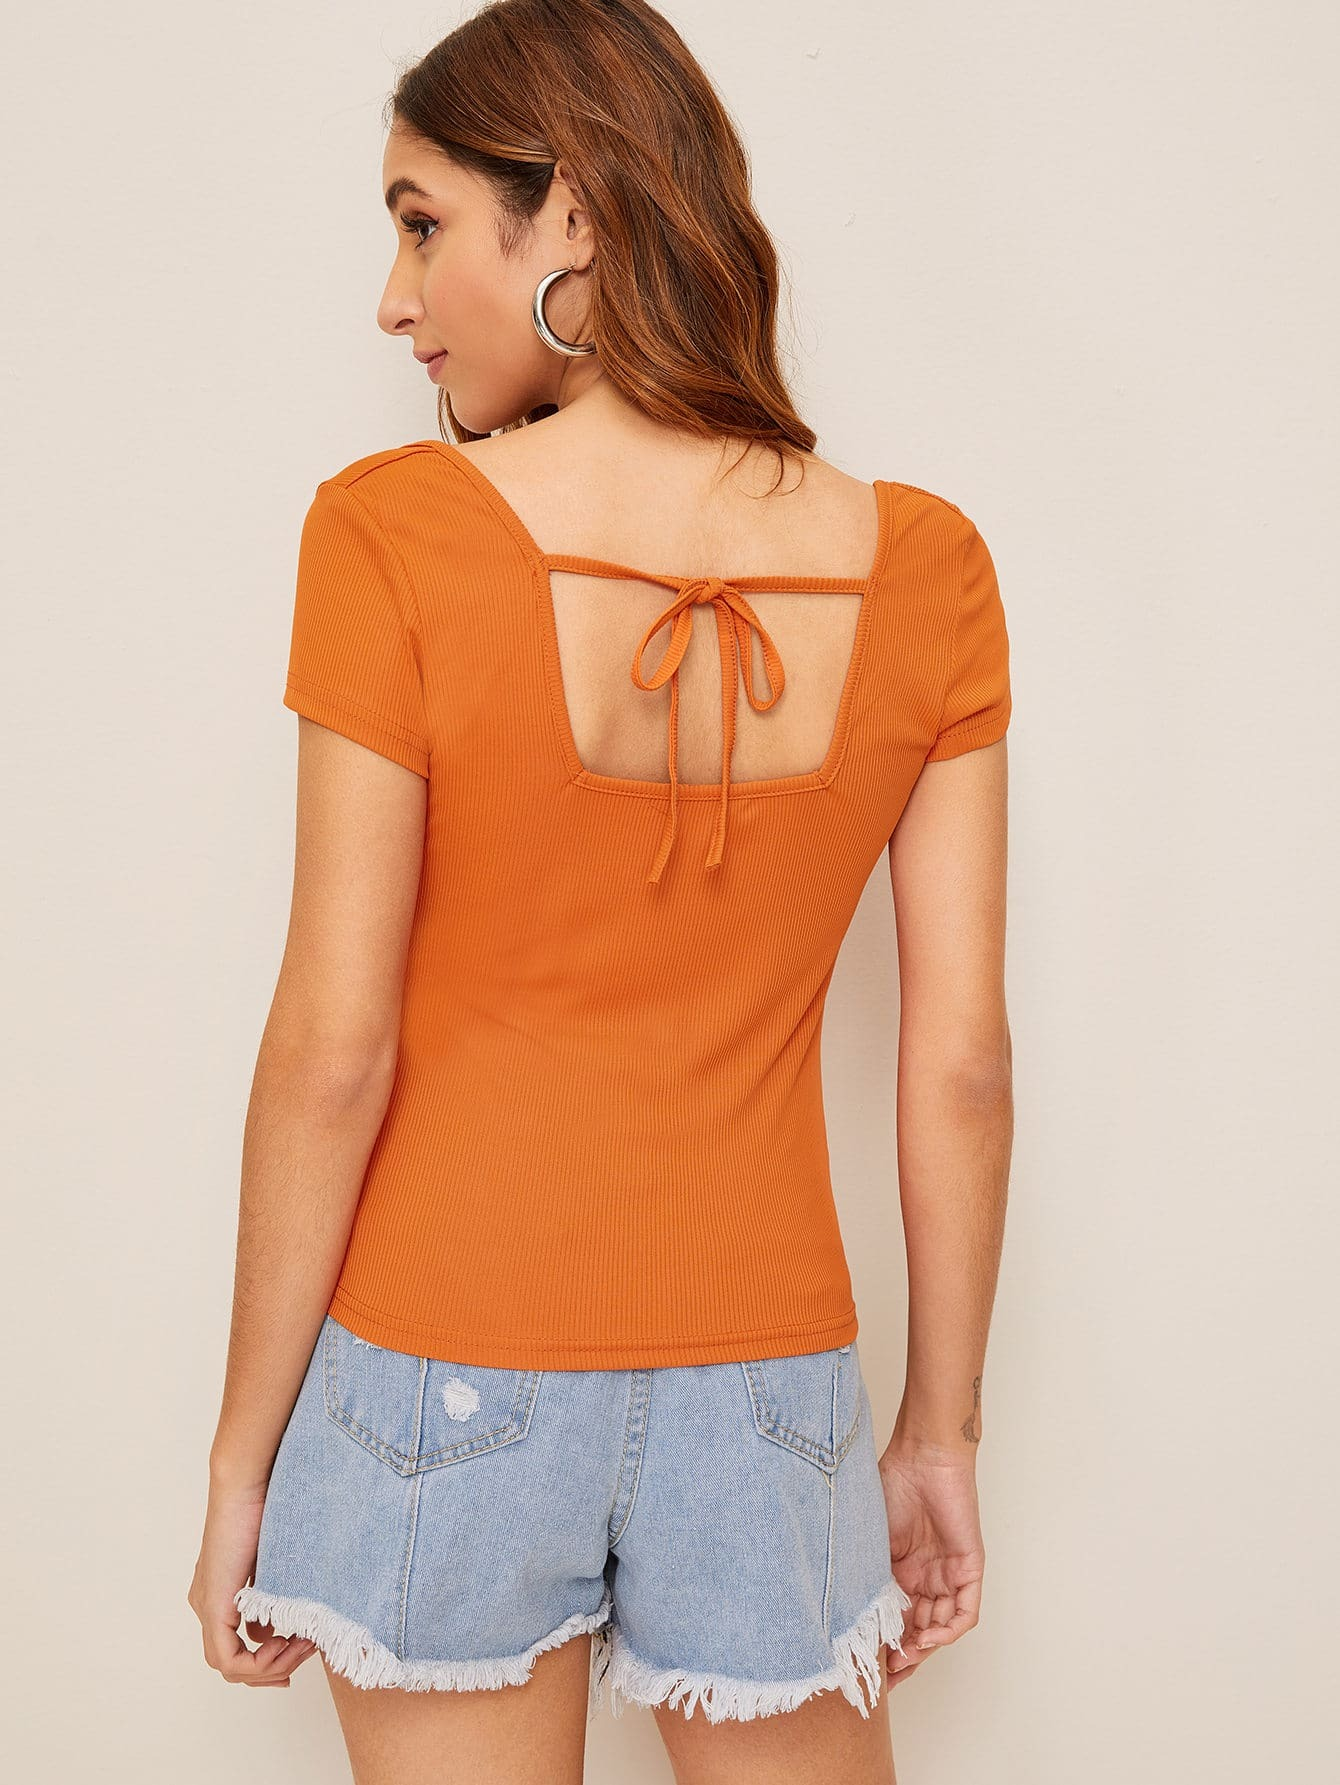 Фото - Трикотажный топ с узлом сзади от SheIn оранжевого цвета